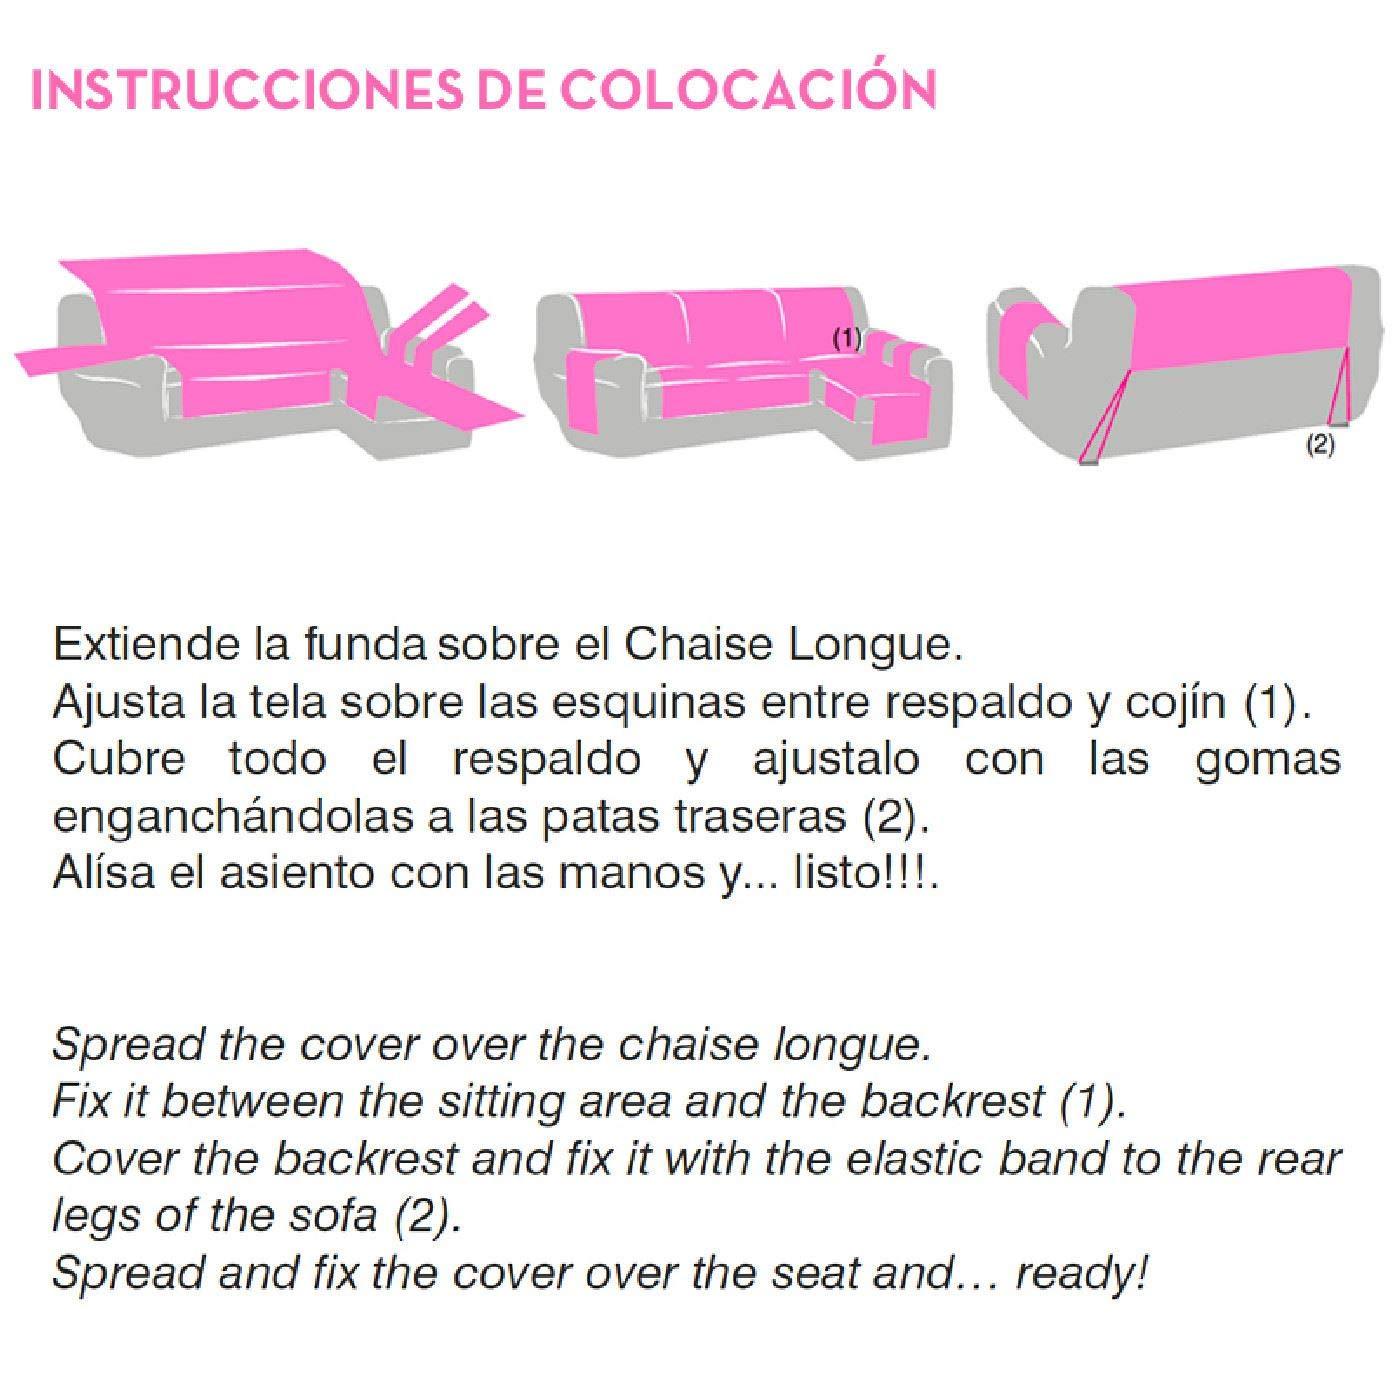 Innovaciones Roser Funda Cubre Chaise Longue Práctica Modelo Kioto, Color Beige, Medida Brazo Izquierdo – 240cm (Mirándolo de Frente)